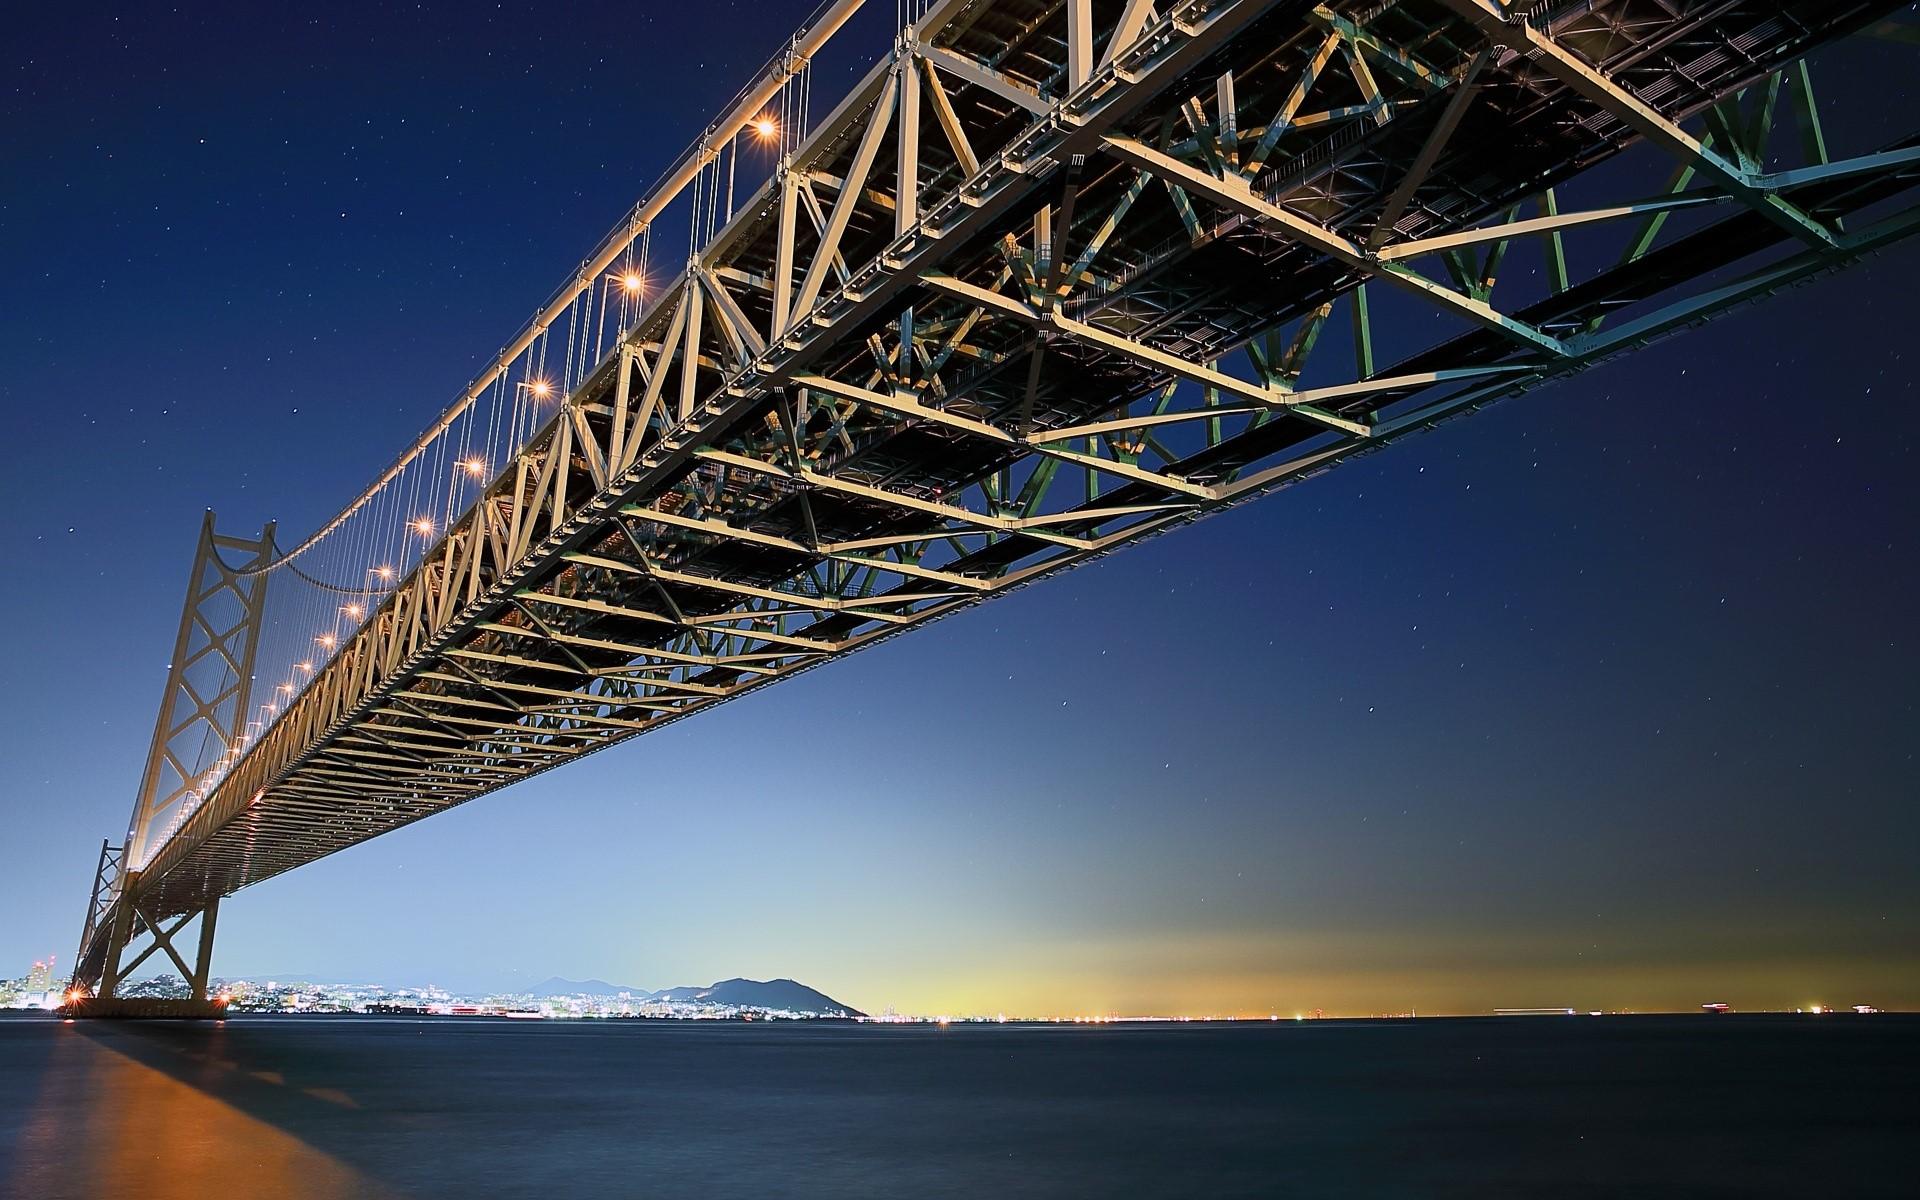 Wallpaper Akashi Kaikyo Bridge